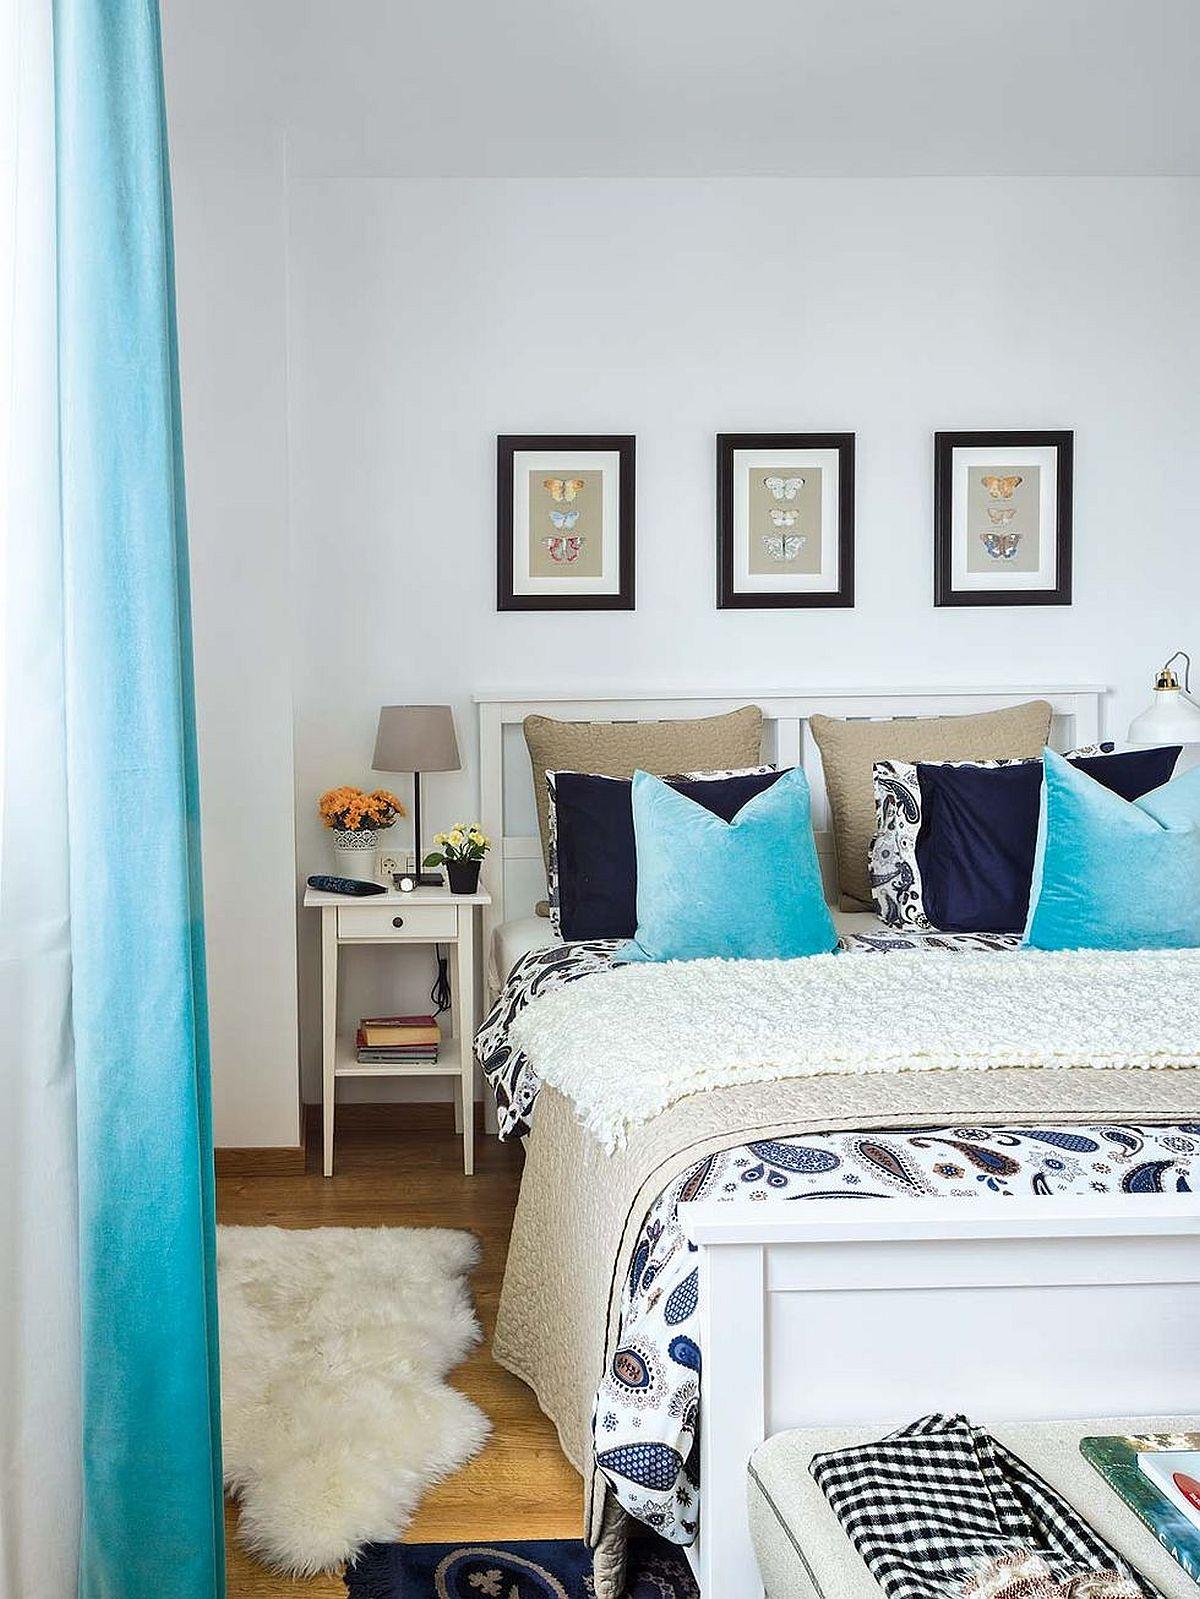 Prin mici decorațiuni și prin draperii s-a creionat atmosfera dormitorului, chiar dacă mobila și pereții sunt albi.